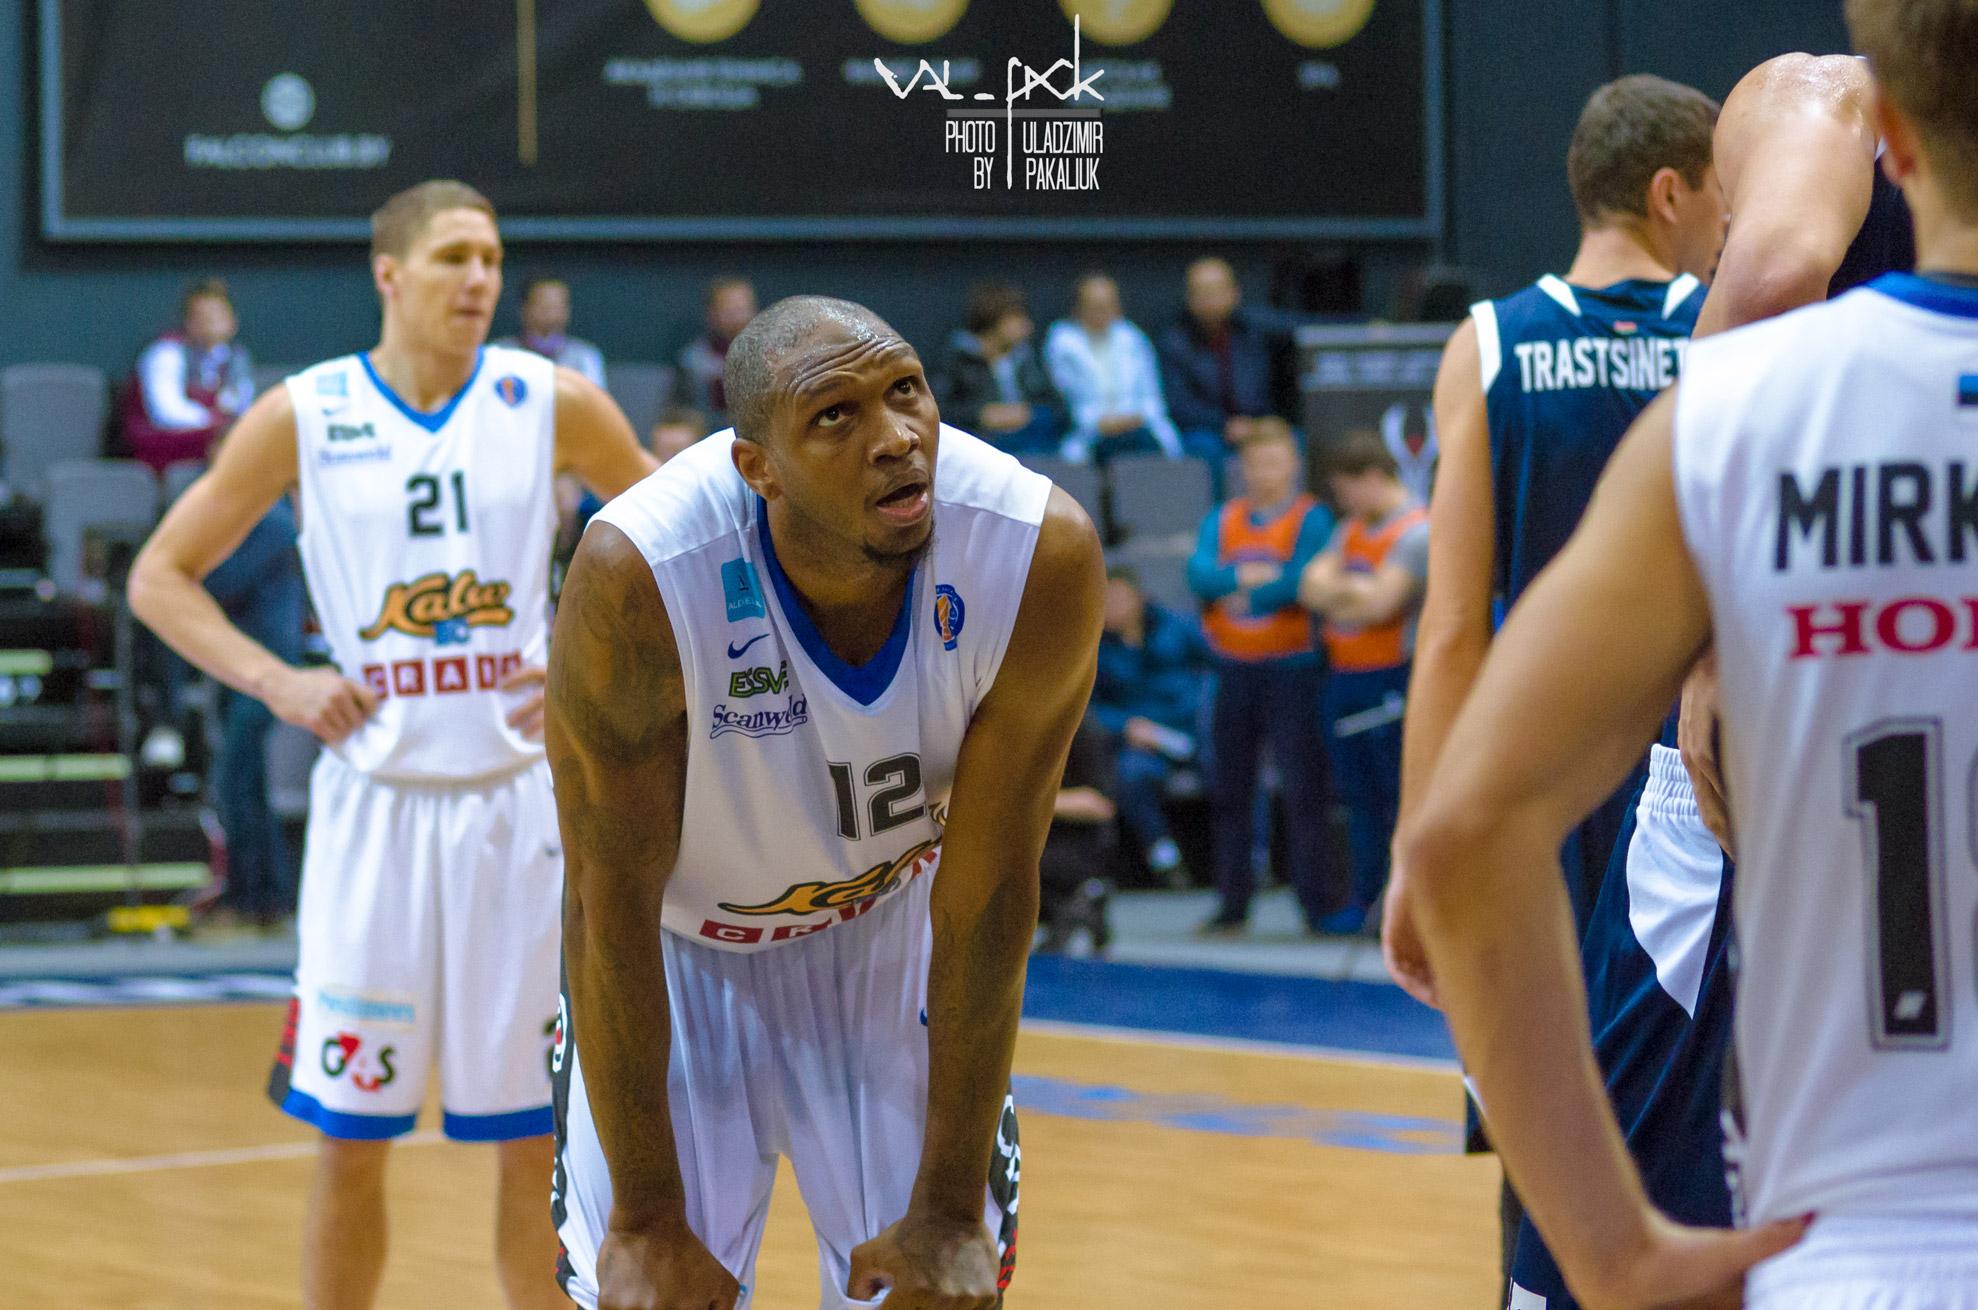 баскетбольный матч Минск